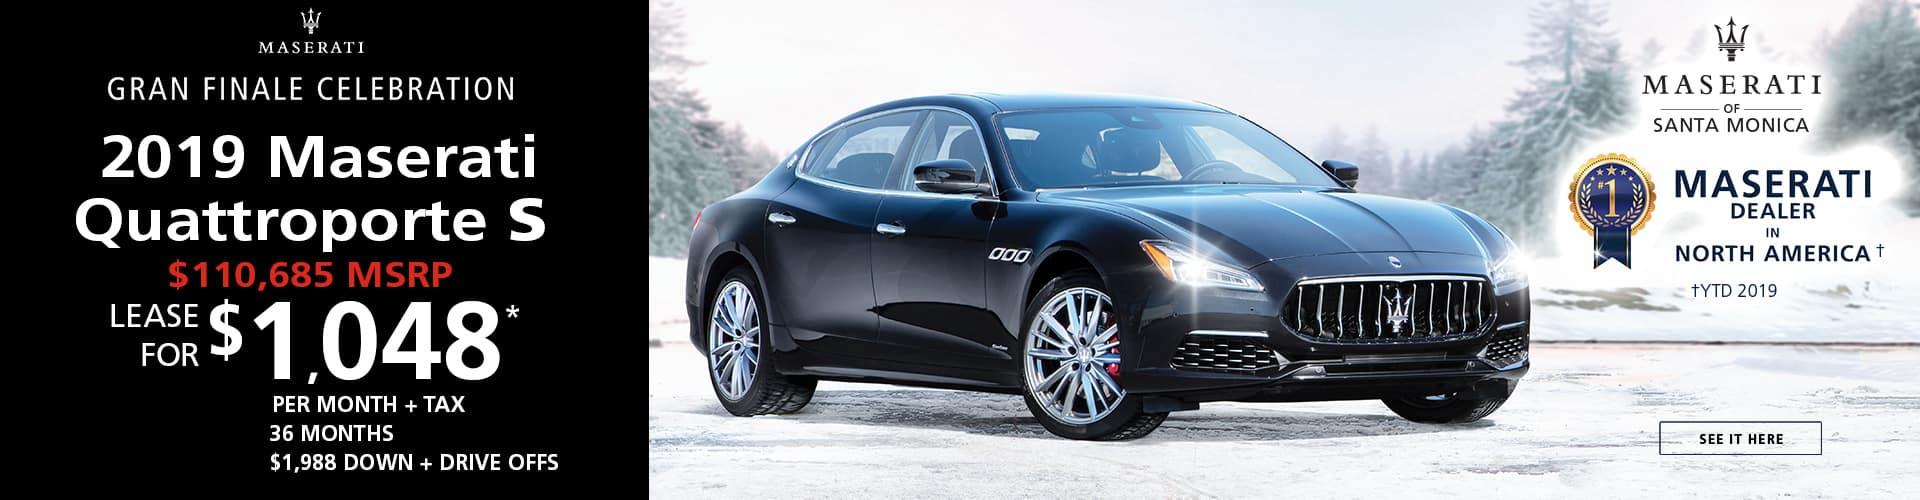 2019 Maserati Quattroporte S Special Offer